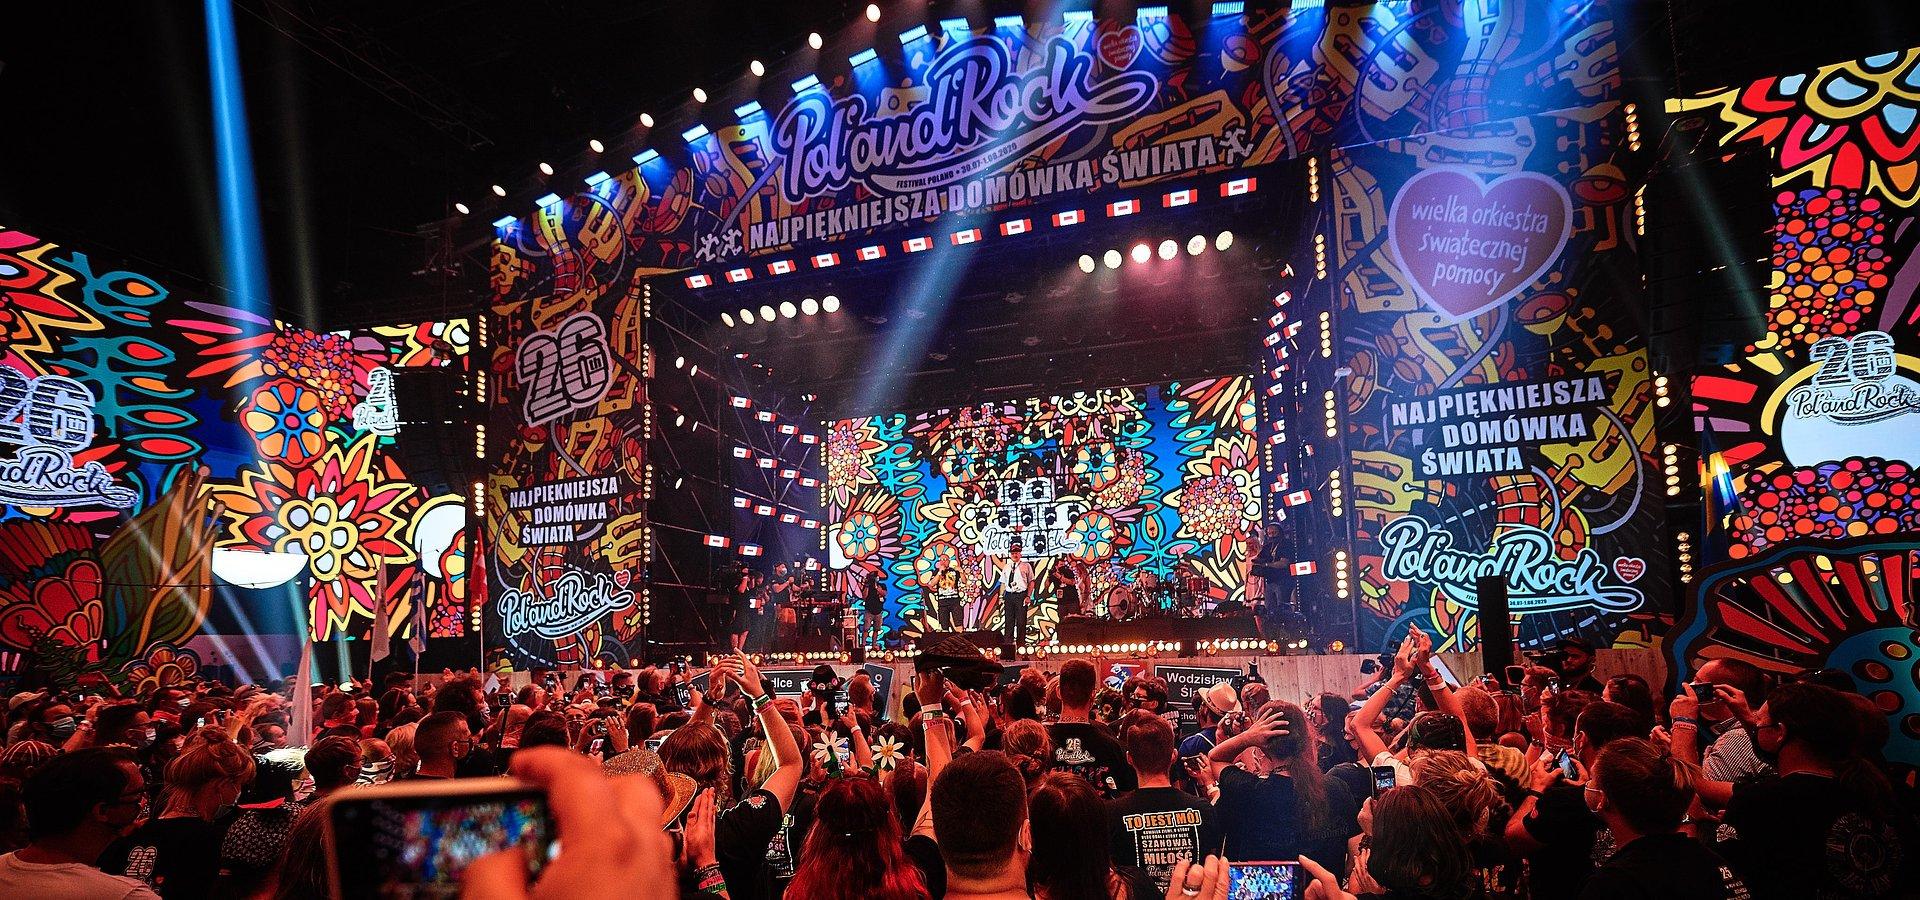 Jedyny taki festiwal - internetowa edycja Pol'and'Rock Festival i inne festiwale nowej ery